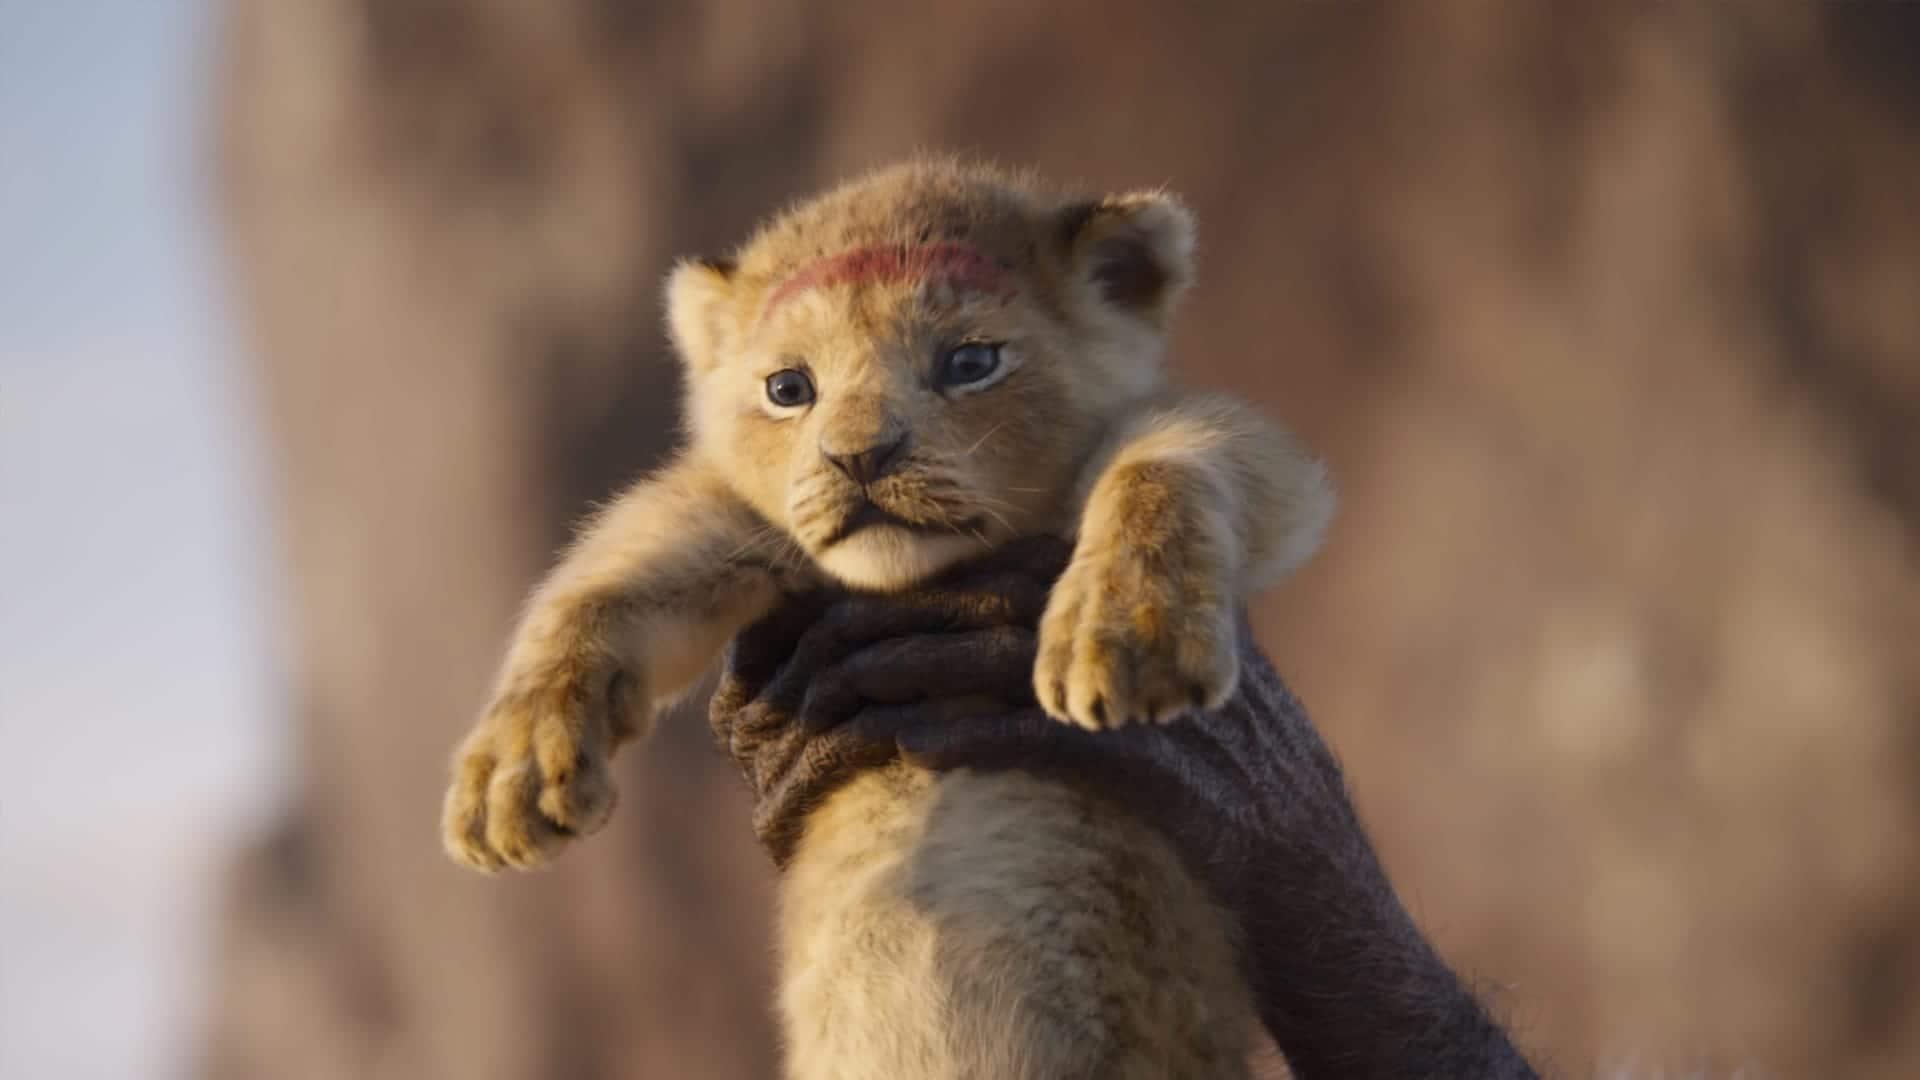 'द लायन किंग' रिव्यू: सांस थाम लेने वाले खूबसूरत विज़ुअल्स से भरी इस फिल्म में इमोशन थोडा कम है !